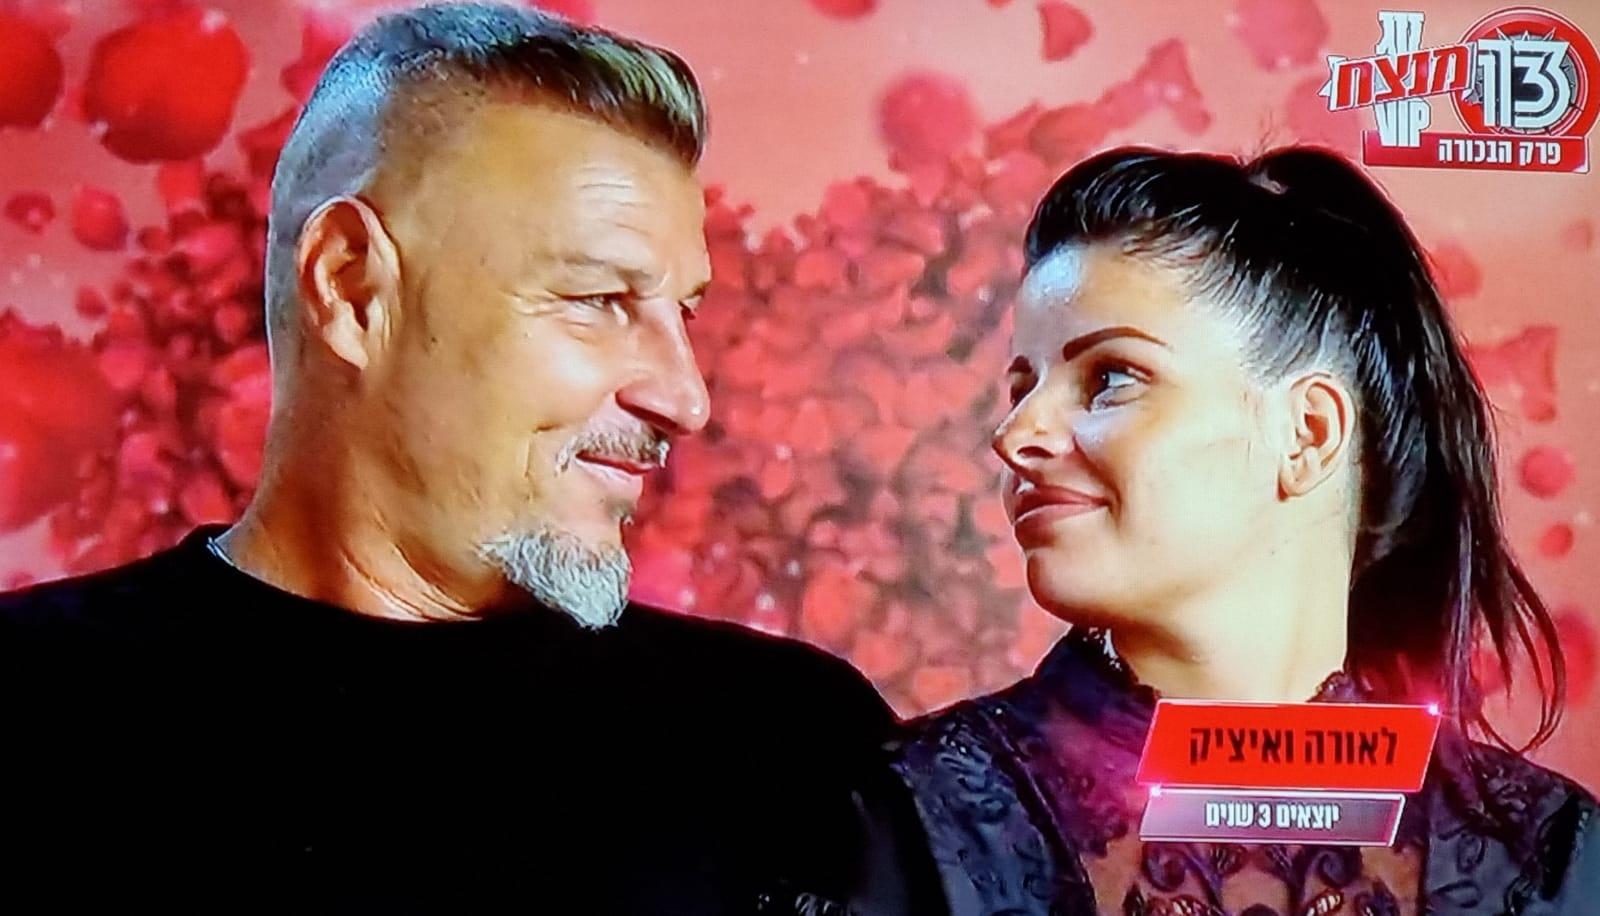 איציק זוהר וחברתו ההונגרייה לאורה צילום מסך מערוץ 13